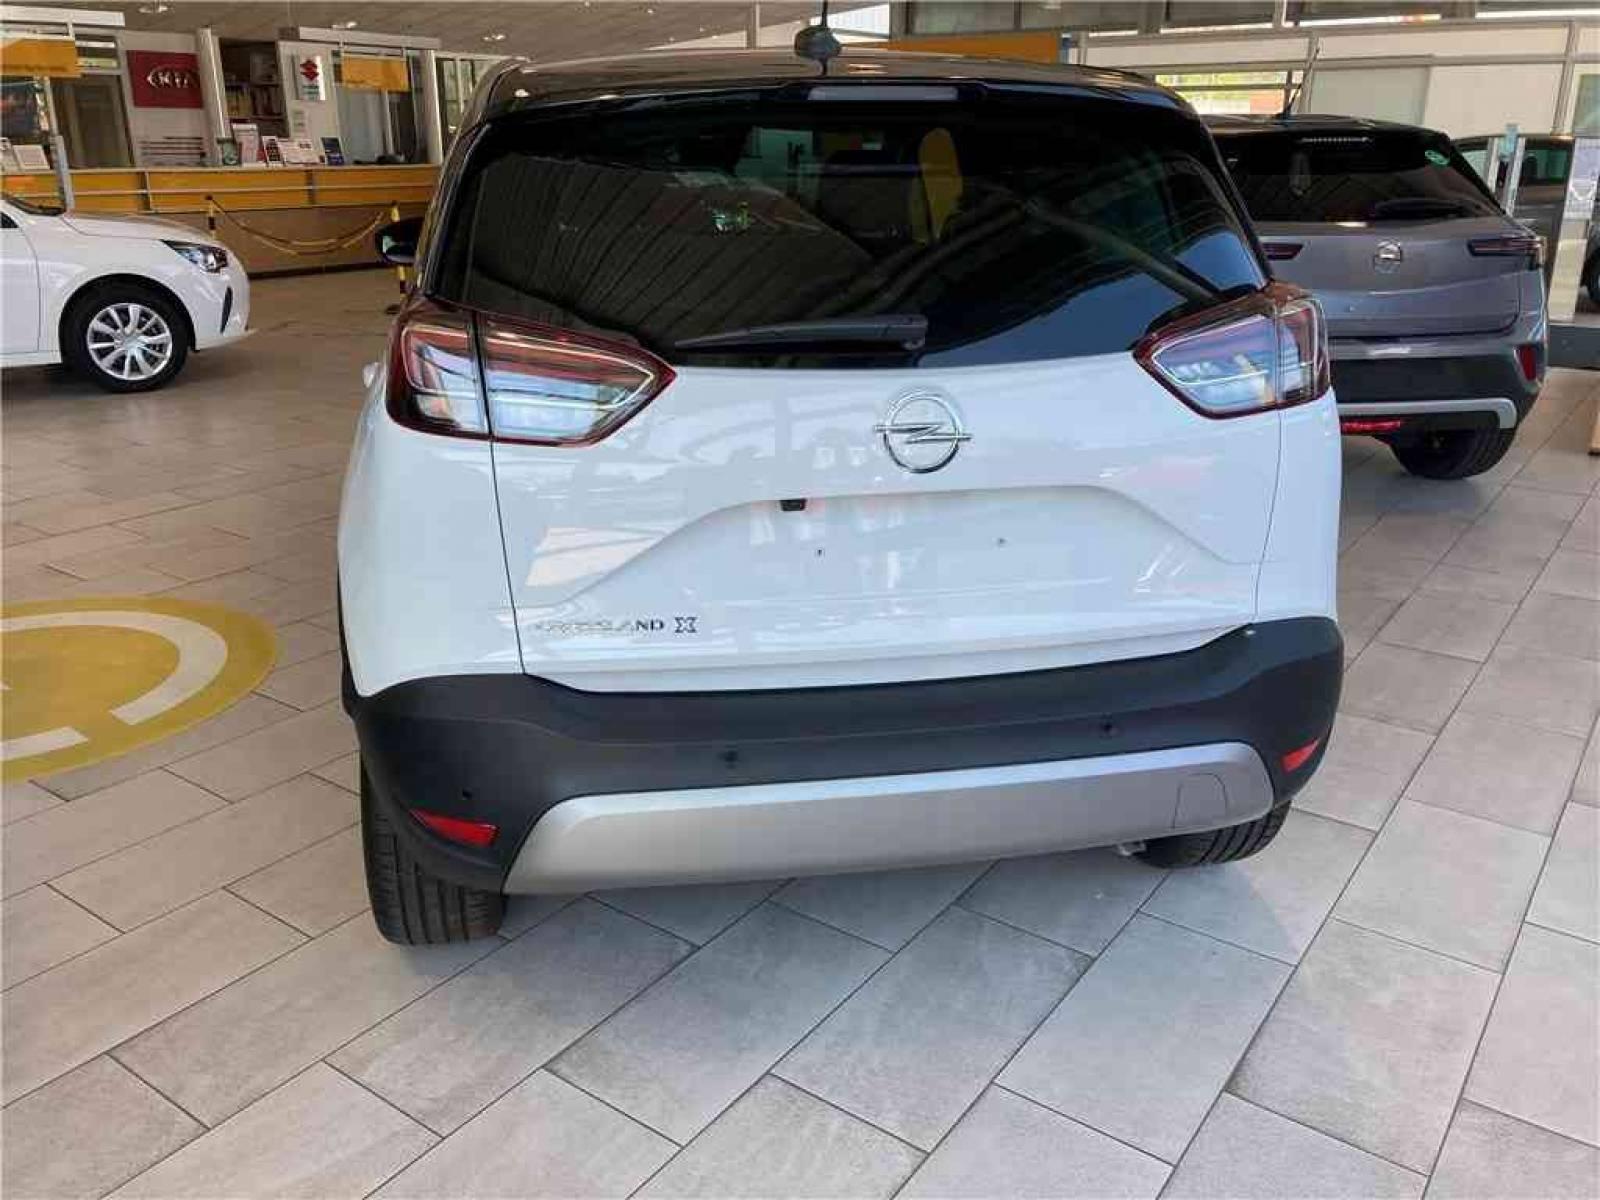 OPEL Crossland X 1.5 D 102 ch - véhicule d'occasion - Groupe Guillet - Opel Magicauto - Montceau-les-Mines - 71300 - Montceau-les-Mines - 7